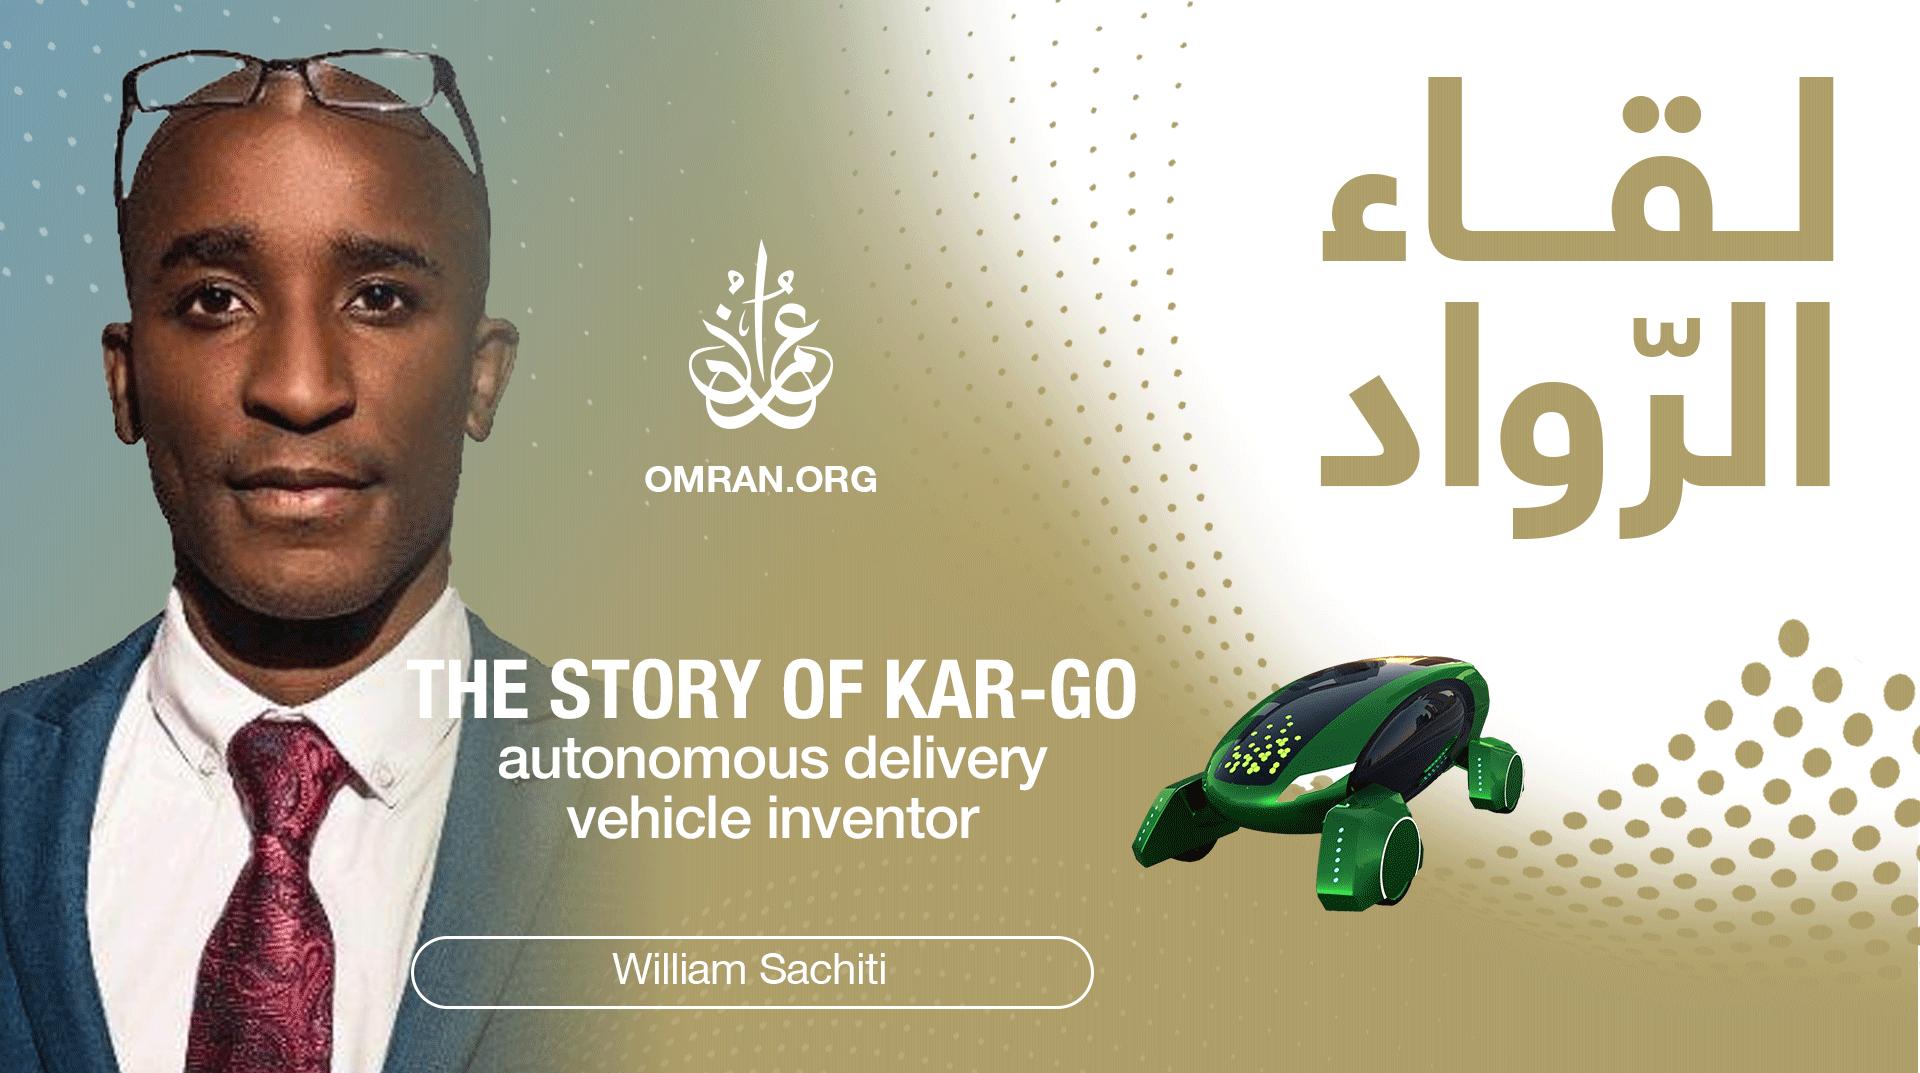 ما هي قصة مخترع عربة كارجو ذاتية القيادة لتسليم طلبيات الشراء؟